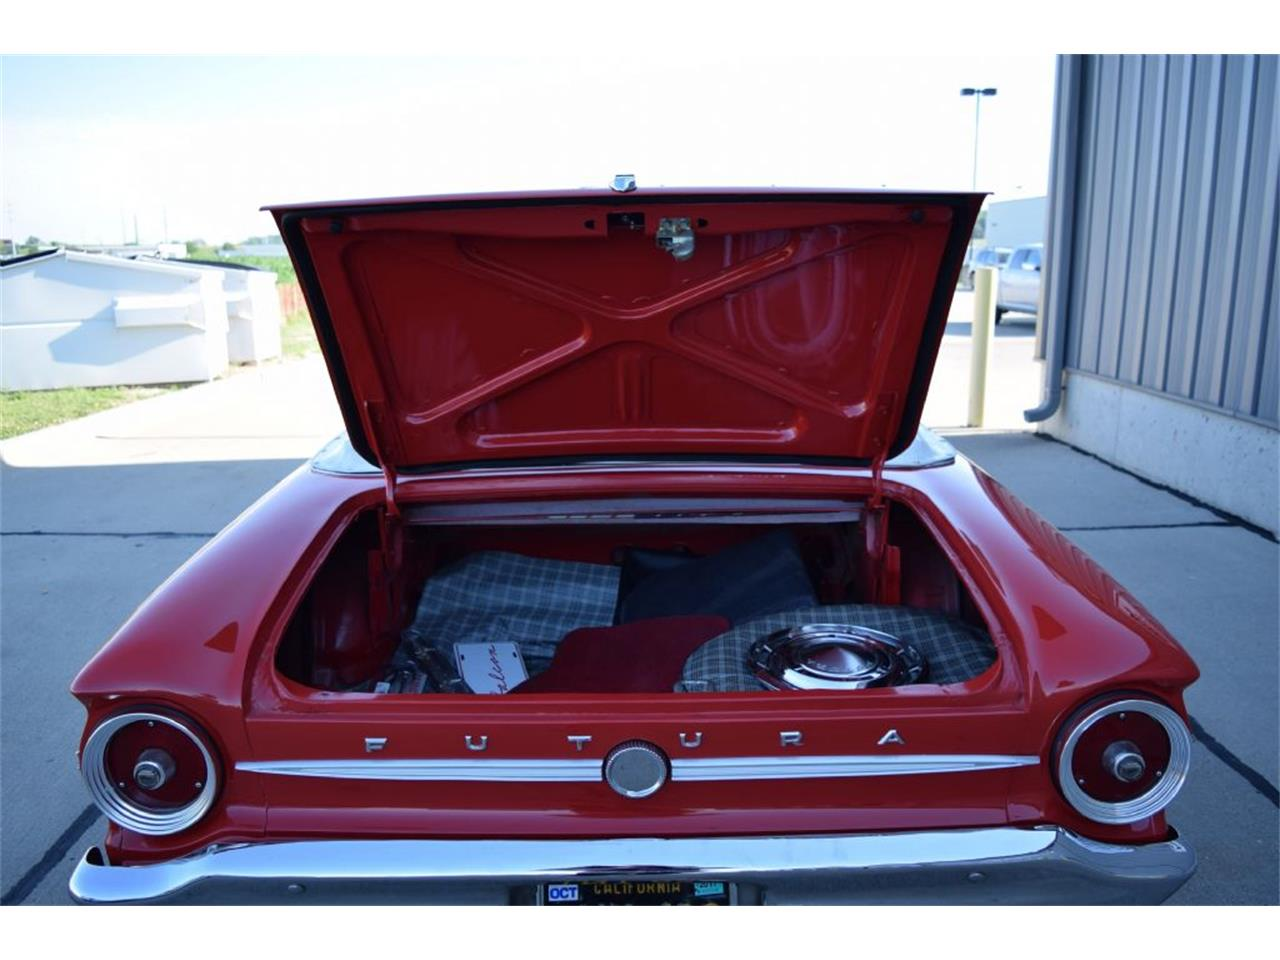 Large Picture of Classic '63 Ford Falcon Futura - $24,900.00 - LUN9